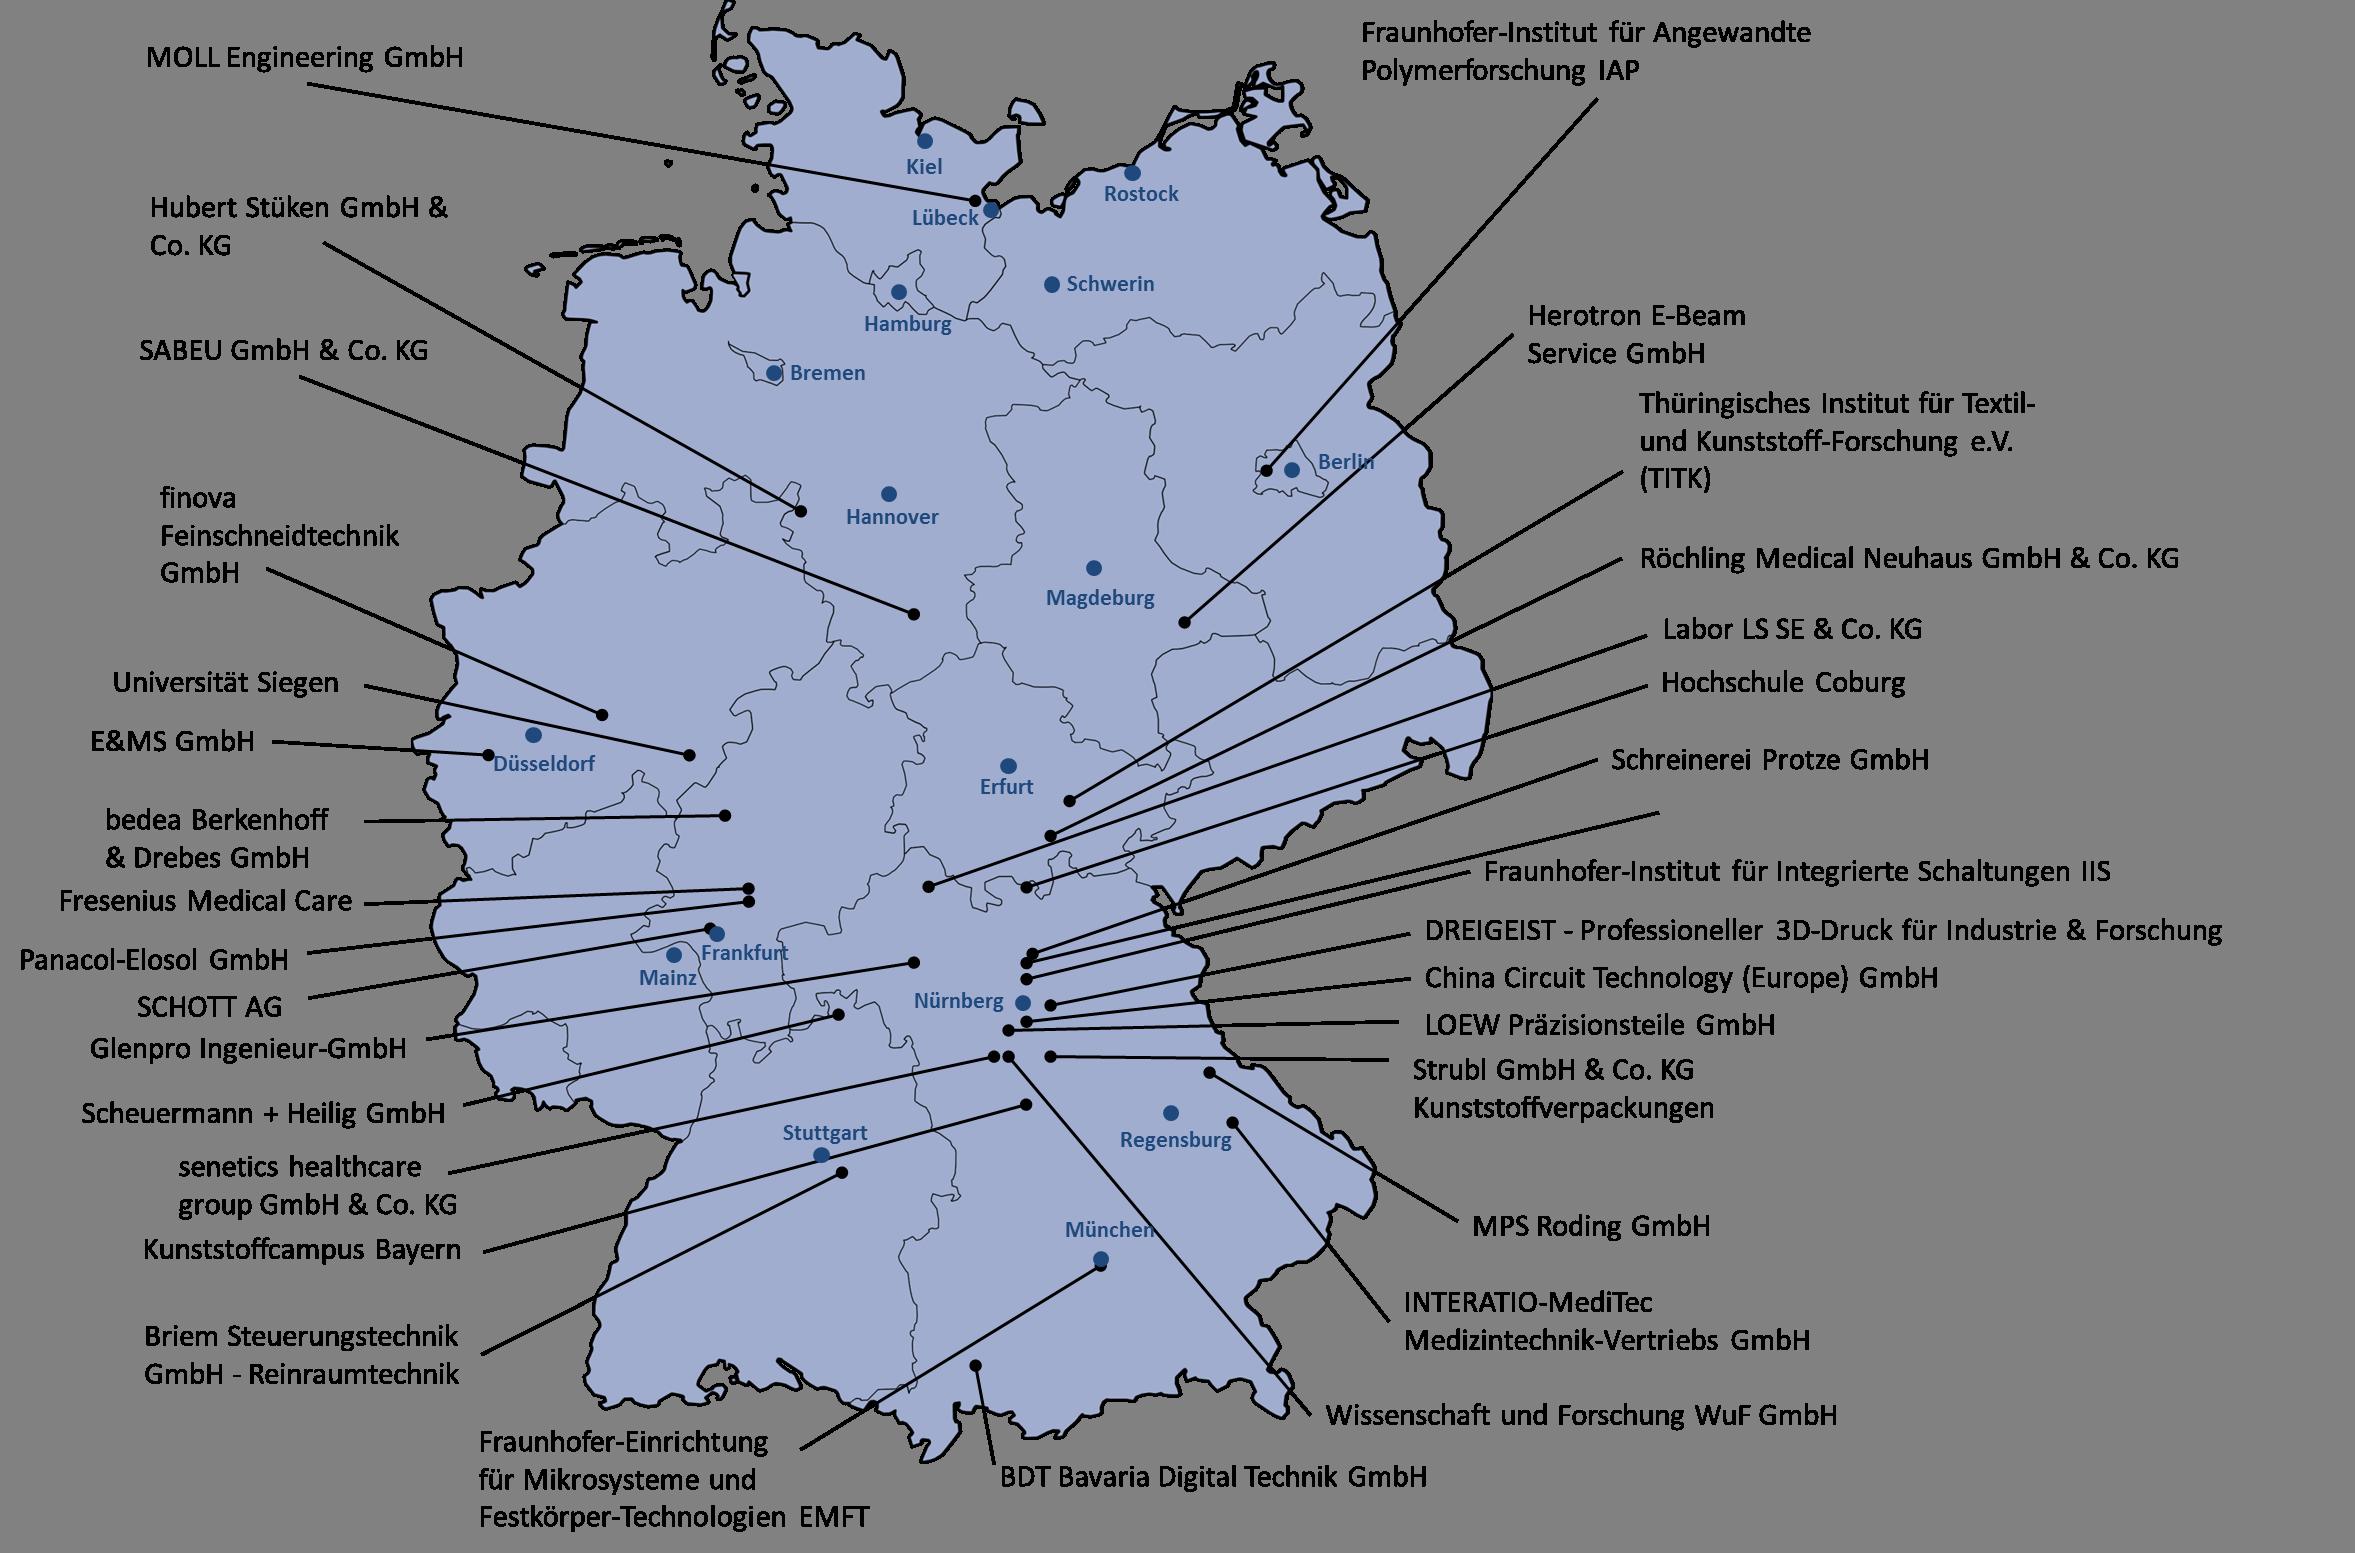 Landkarte Mitglieder